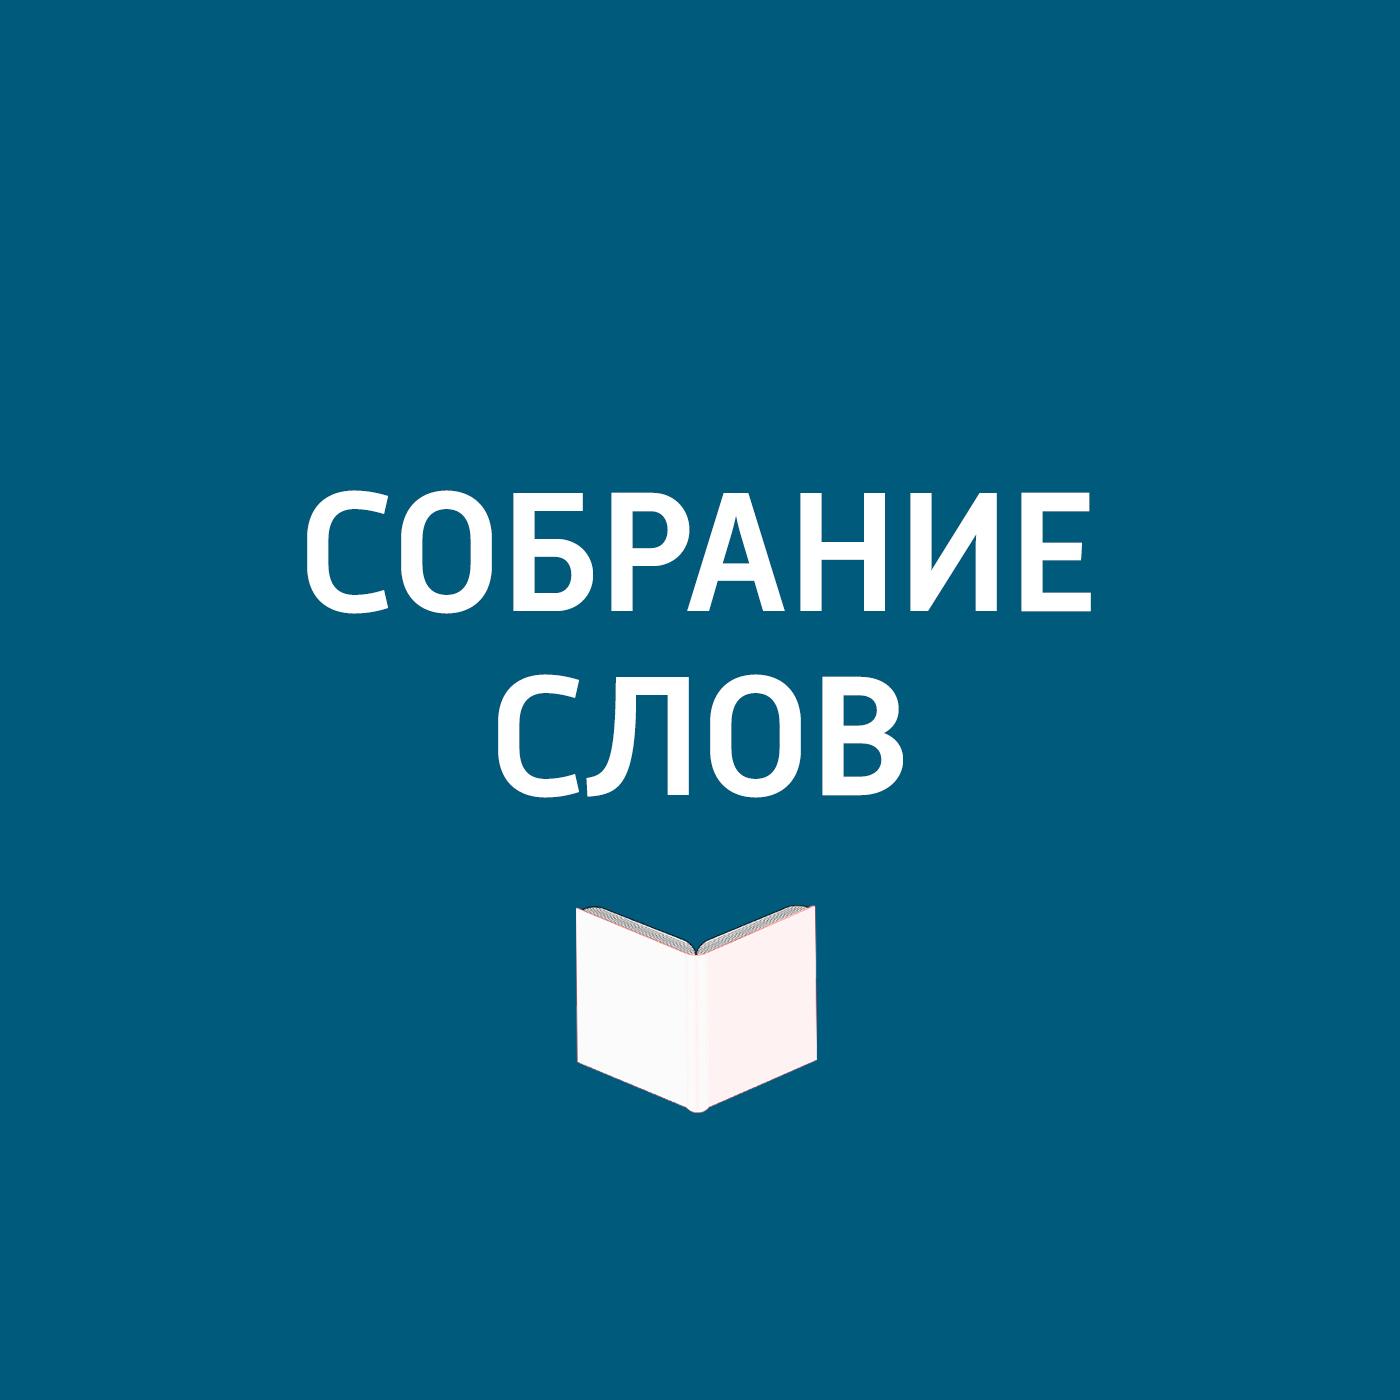 все цены на Творческий коллектив программы «Собрание слов» Филателия: история и современность онлайн